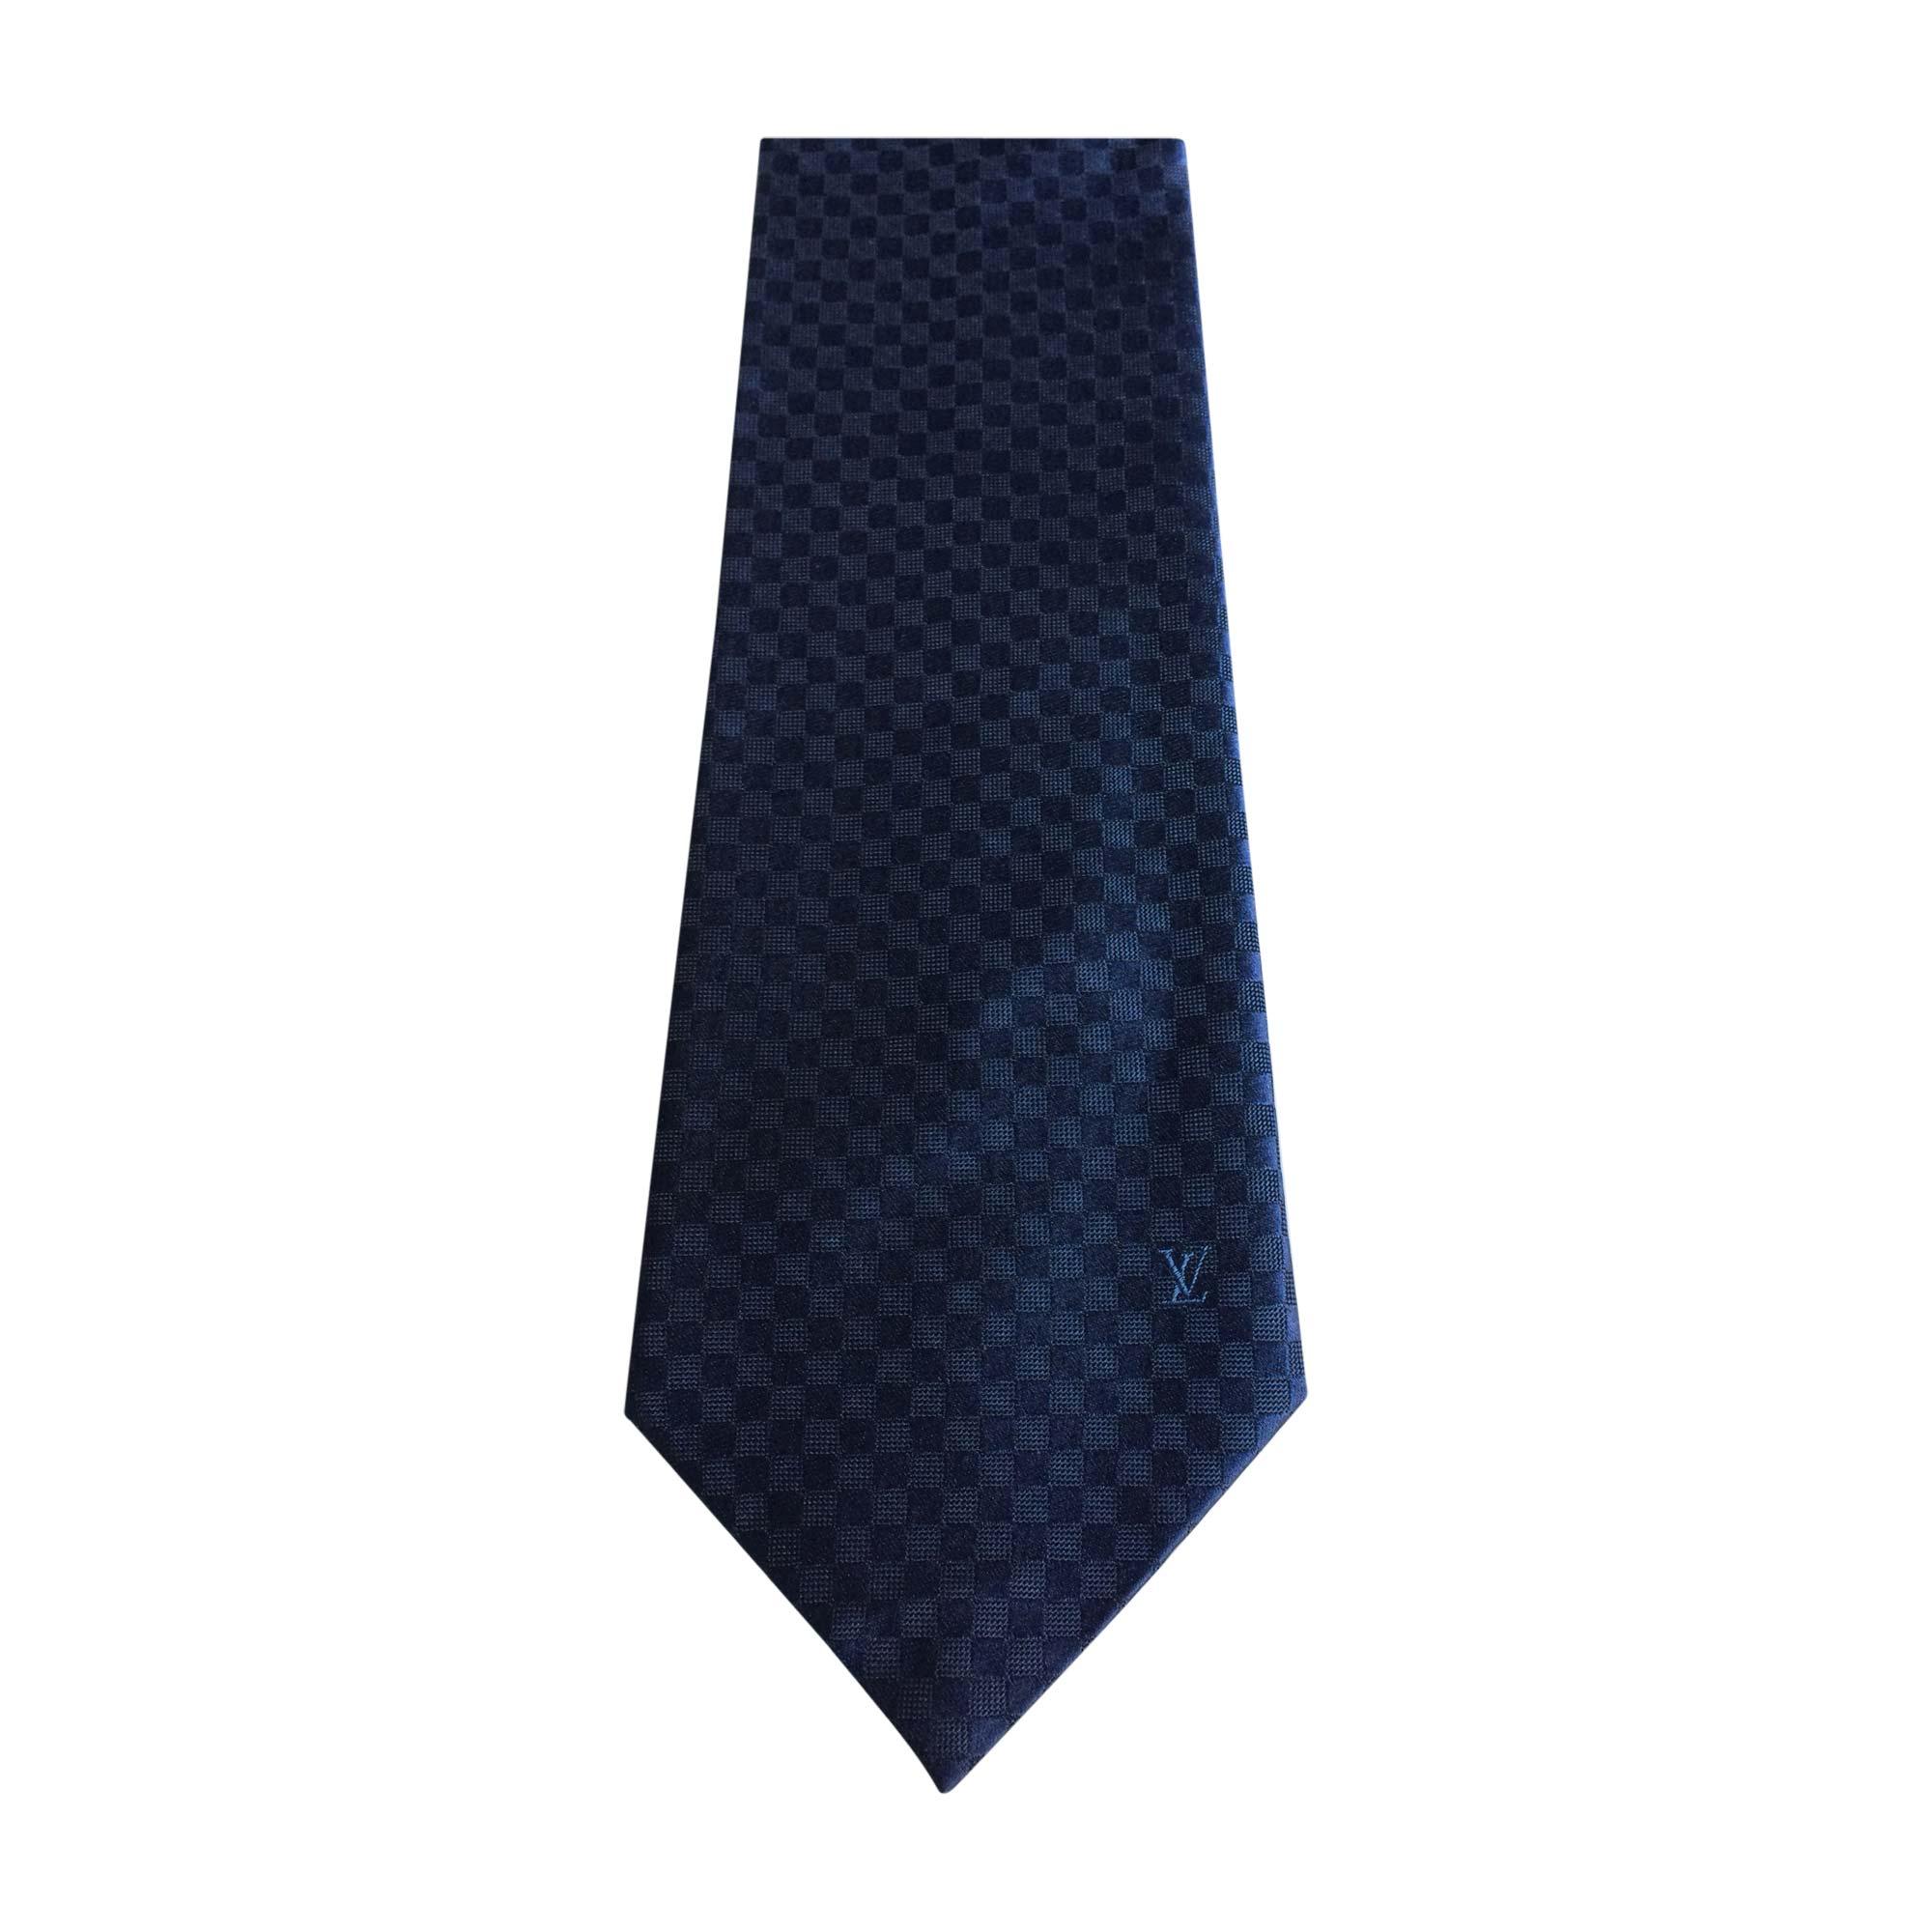 0958bcd29d8a8 Krawatte LOUIS VUITTON blau vendu par Marsur - 7327746